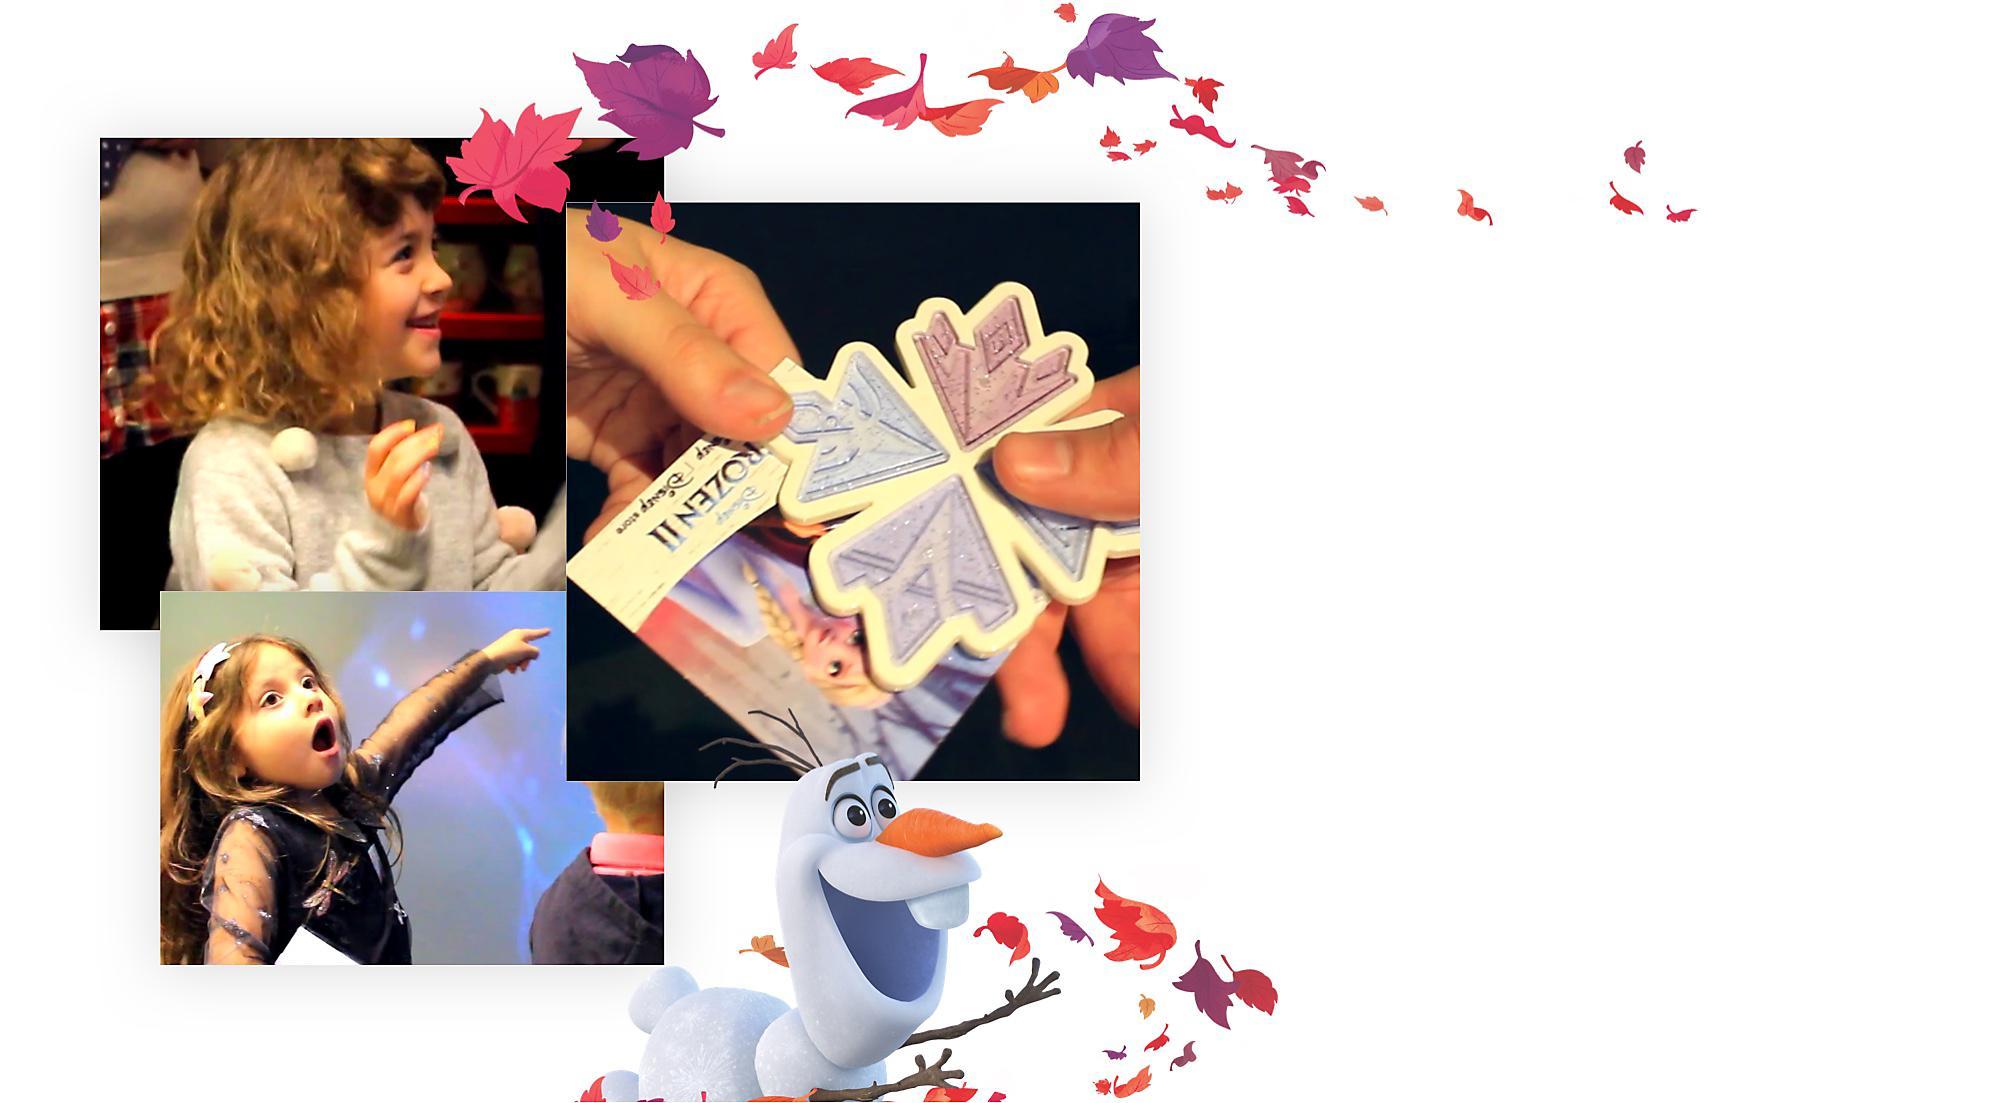 Reise ins Ungewisse mit unserem neuen Die Eiskönigin 2 Abenteuer! Daten: Samstag, 22. Februar Dienstag, 25. Februar & Donnerstag , 27. Februar Samstag, 29. Februar  Uhrzeit: 11- 12 Uhr  Bitte beachte, dass der Disney Store München sonntags geschlossen ist.